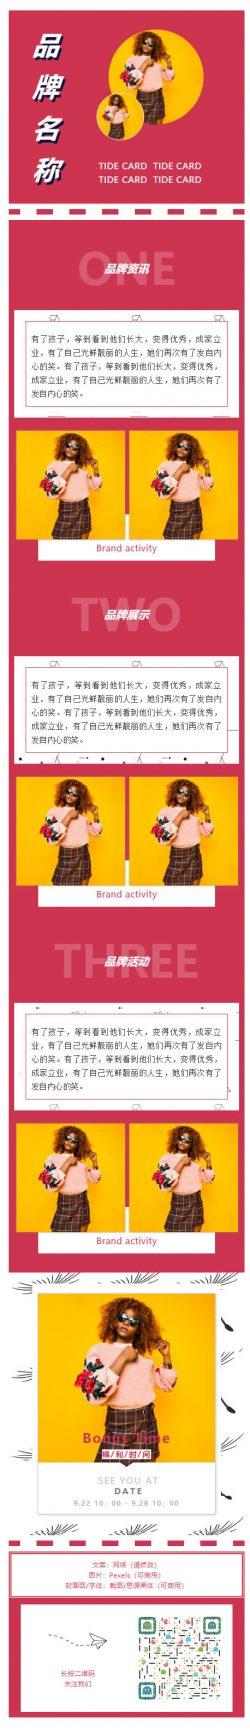 电商微信品牌介绍展示微信模板推文素材红色动态背景